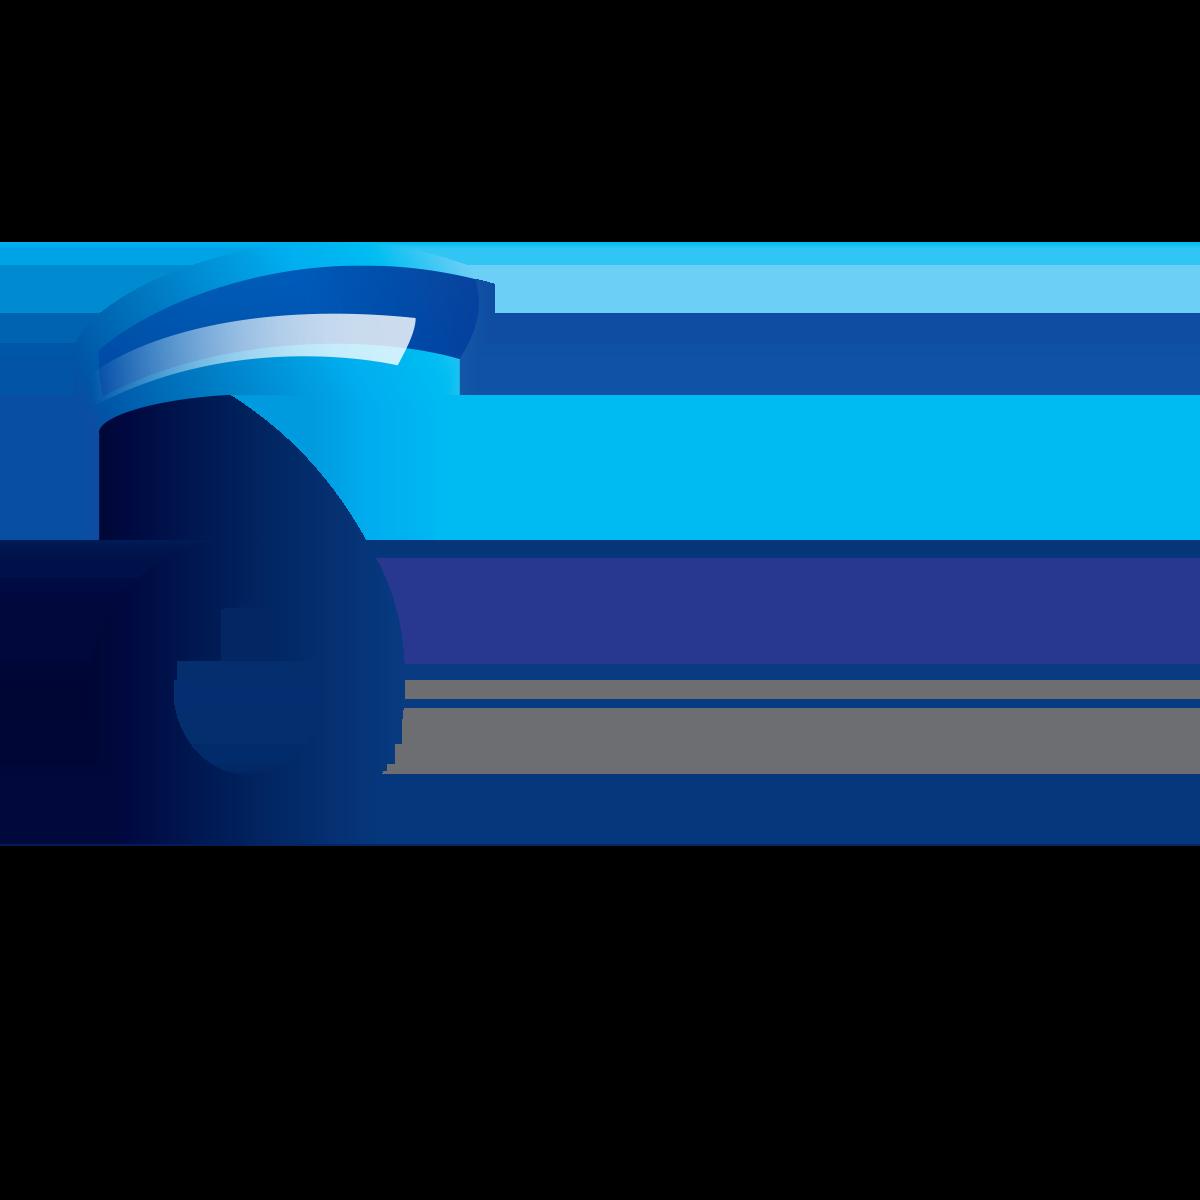 Επιστολή διαμαρτυρίας του δ στο Πανεπιστήμιο Δυτικής Μακεδονίας